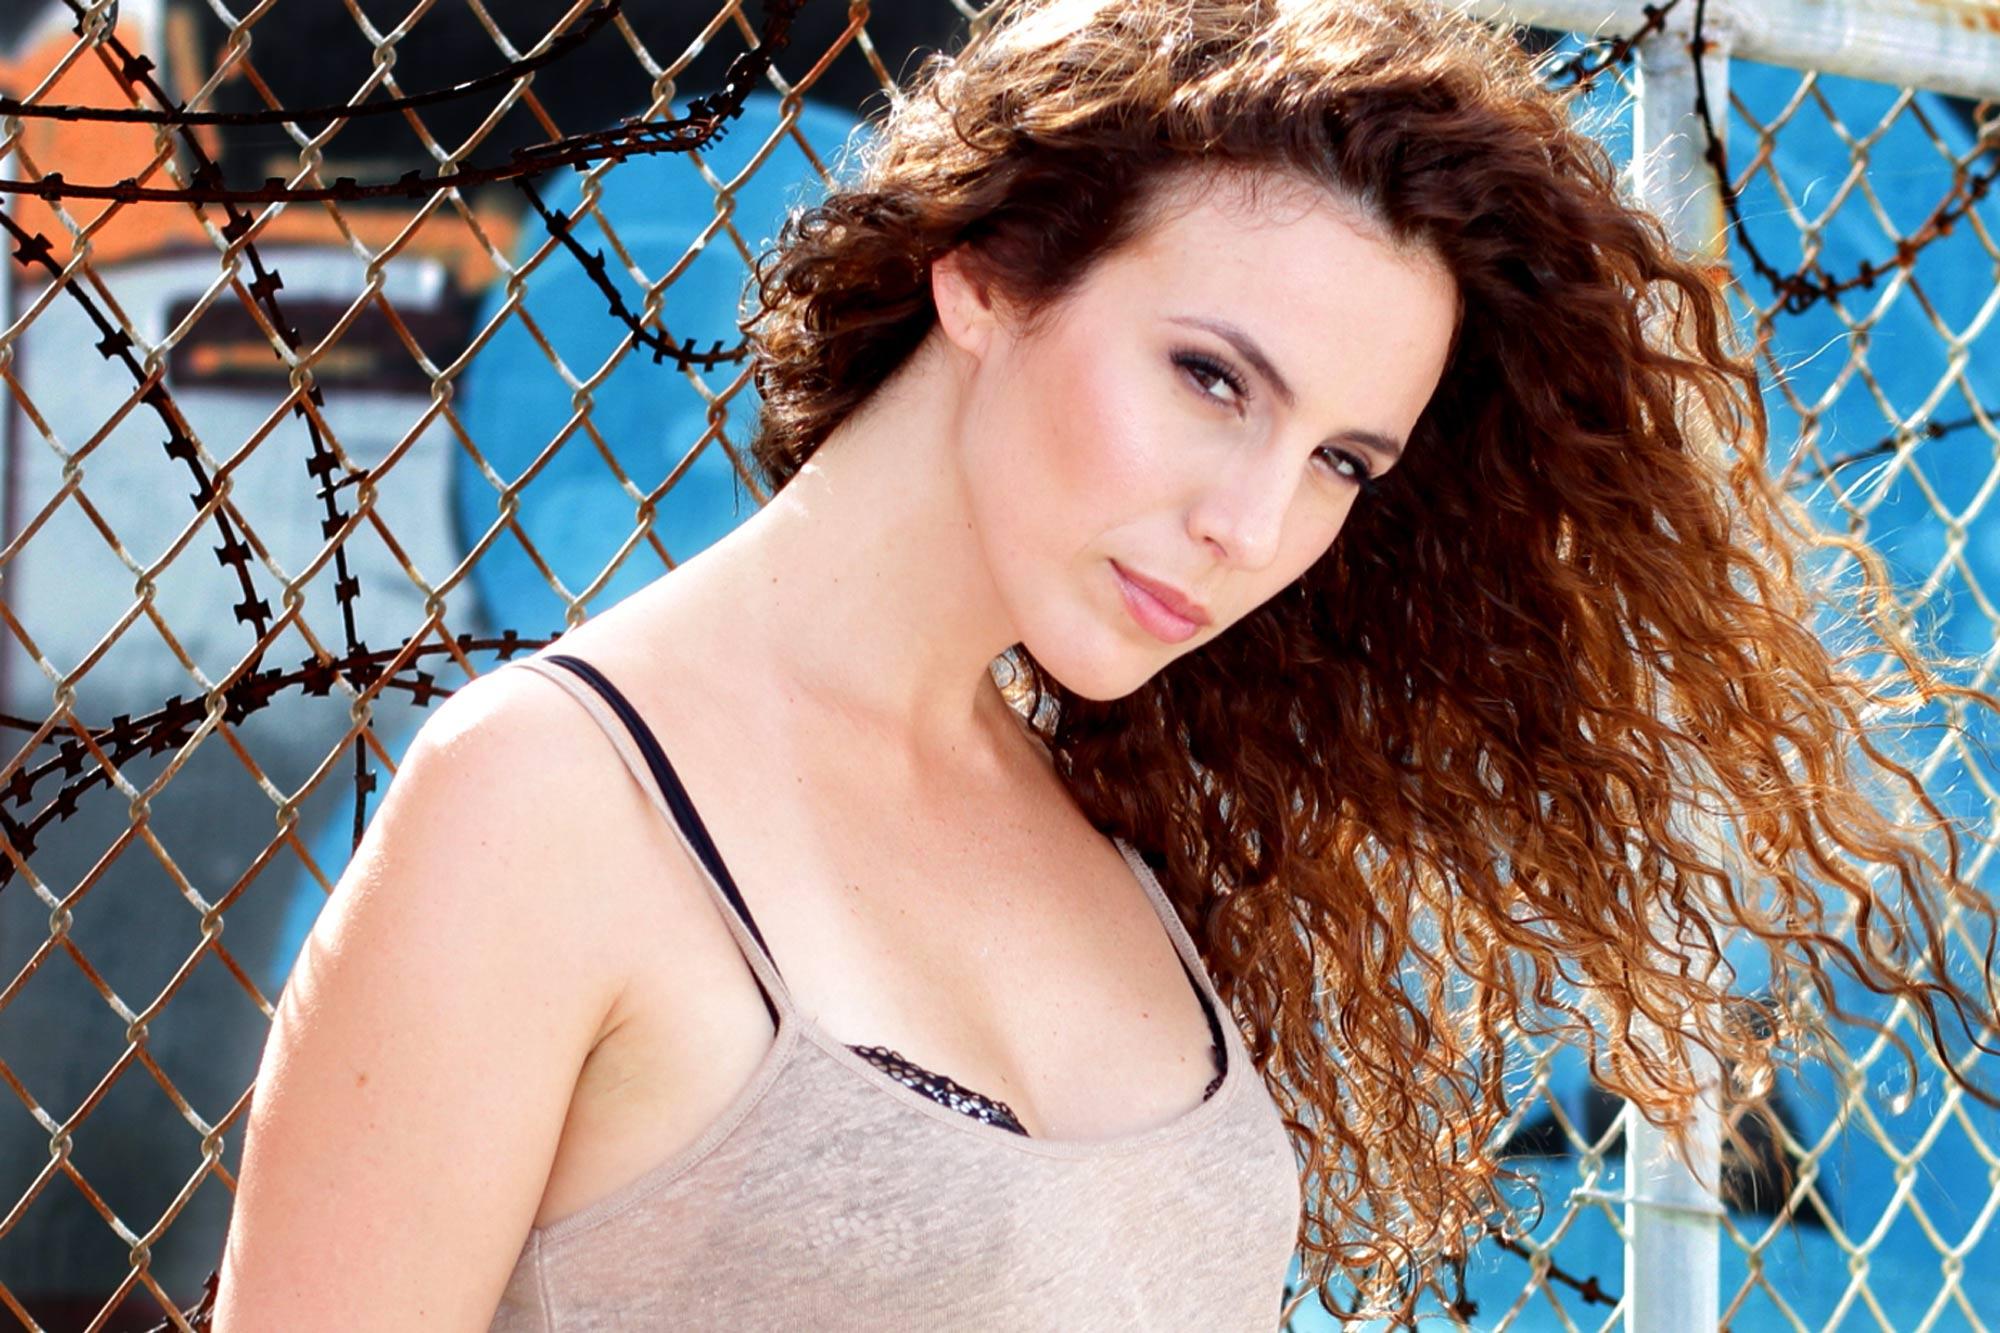 Ana Belen Free